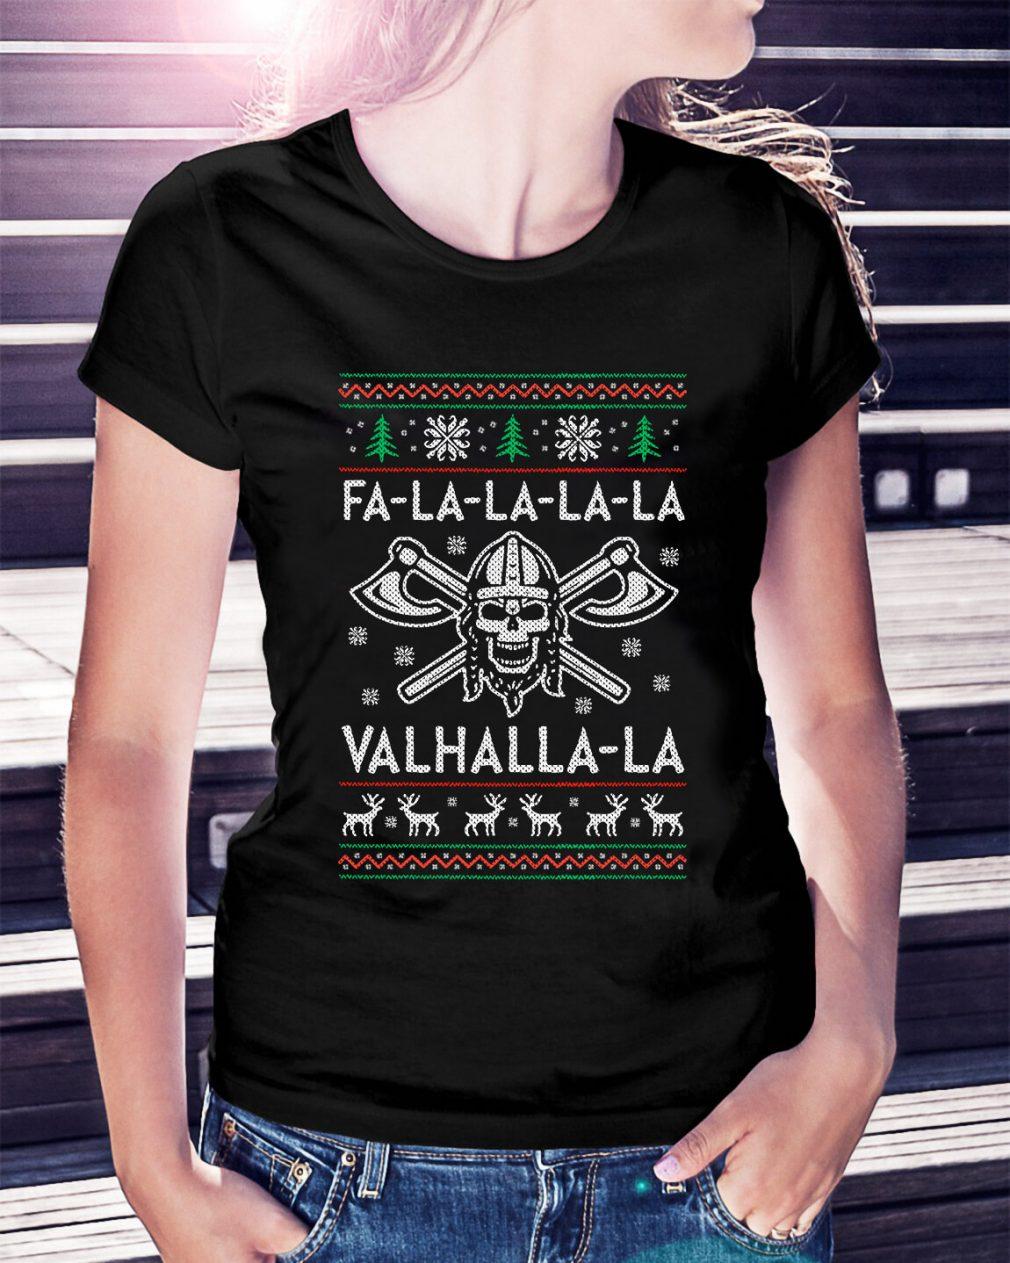 Fa-la-la-la-la Valhalla-la Christmas Ladies Tee